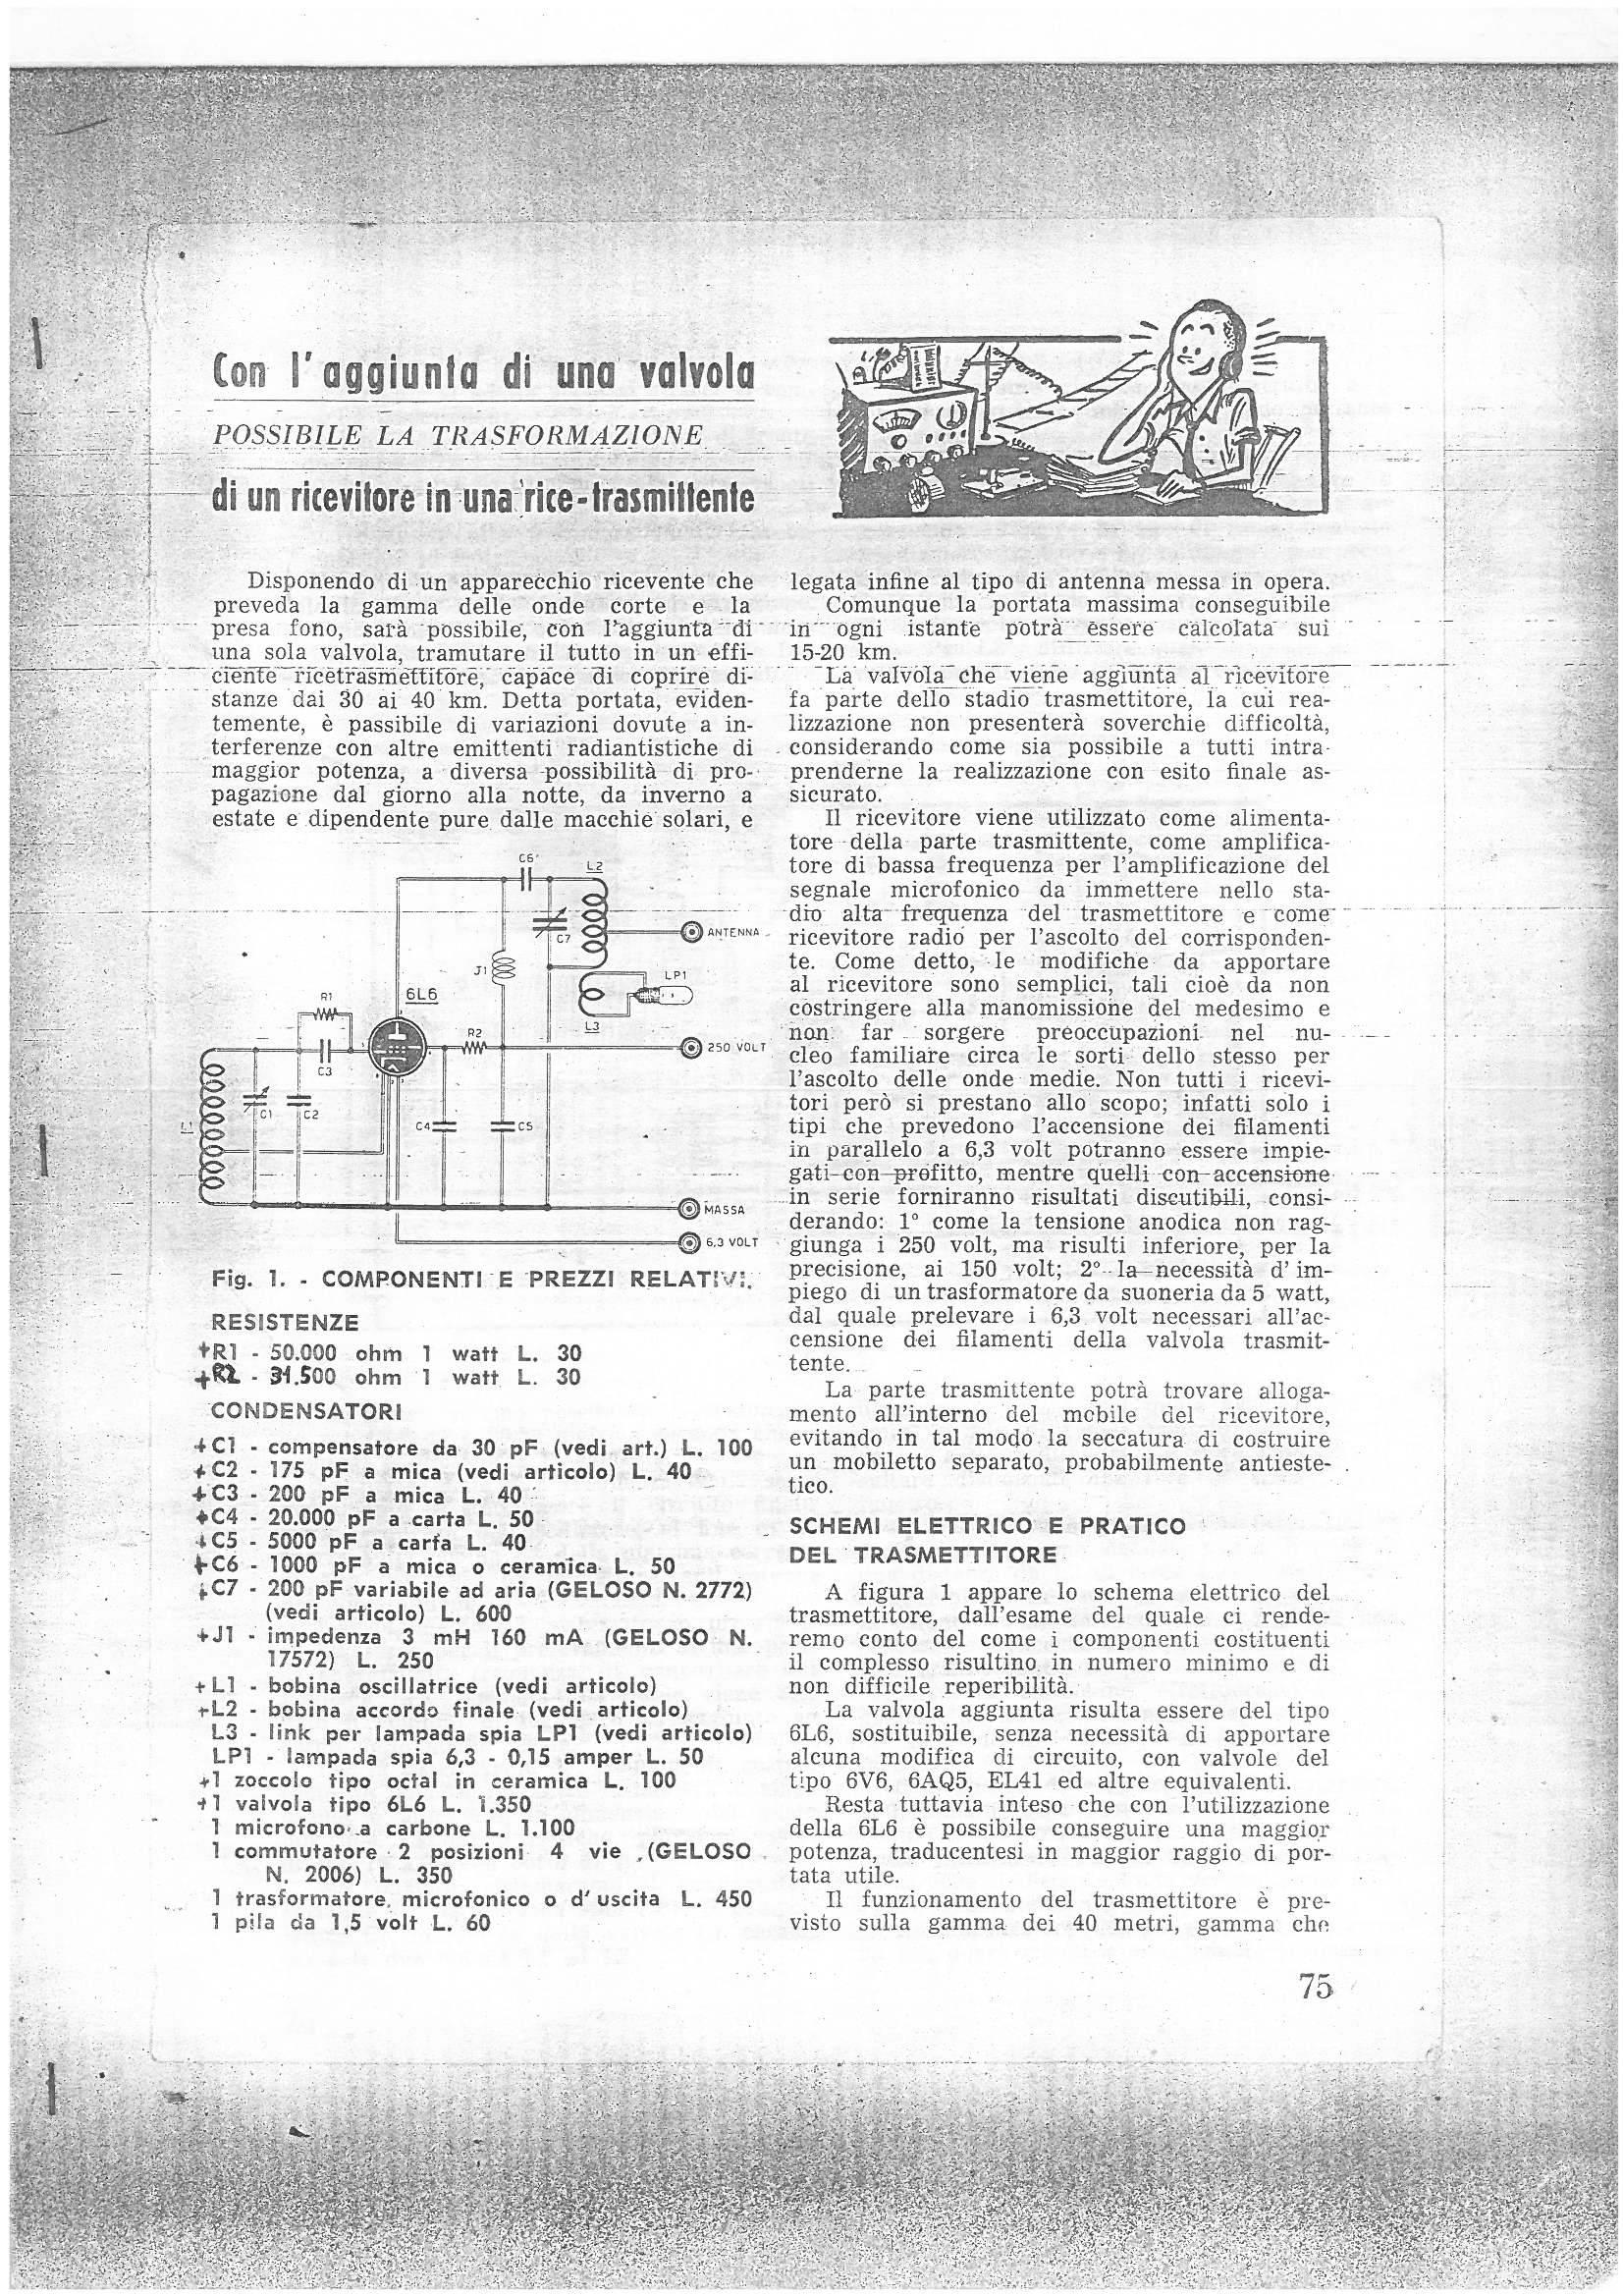 Sangean Ats 818cs User Manual also Forum read additionally 84px38 besides 272218750452 besides Iz1qze. on sangean radio schematics